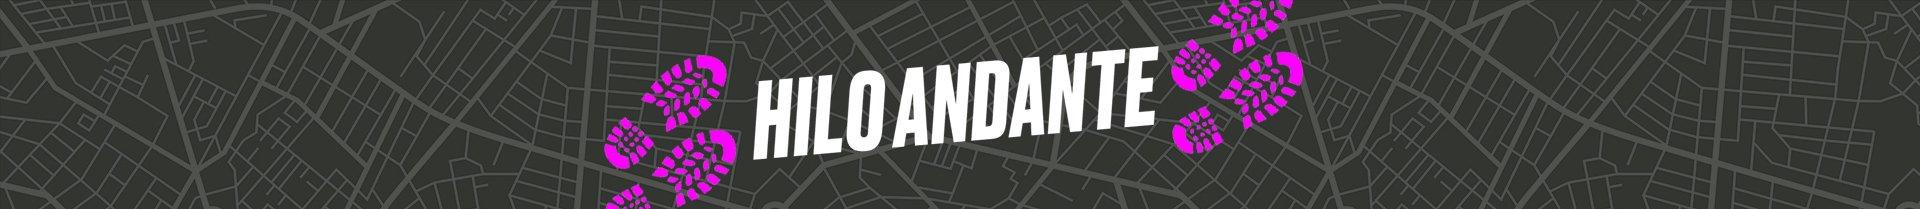 Banner_CiuWeb_Andante_2